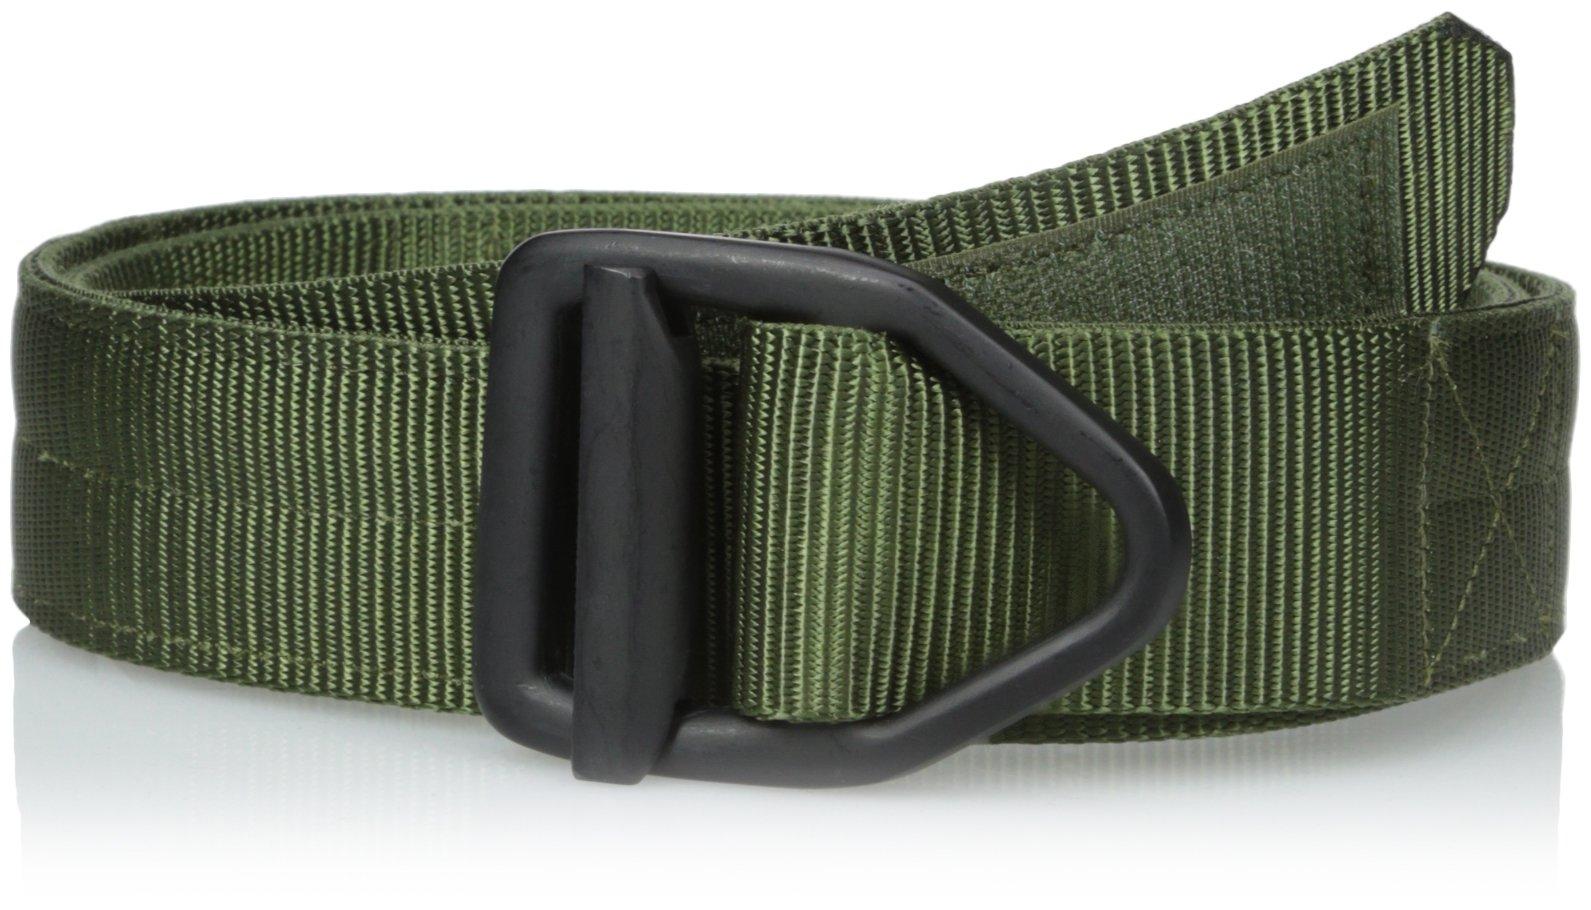 Propper Men's 720 Belt, Olive/Green, X-Large